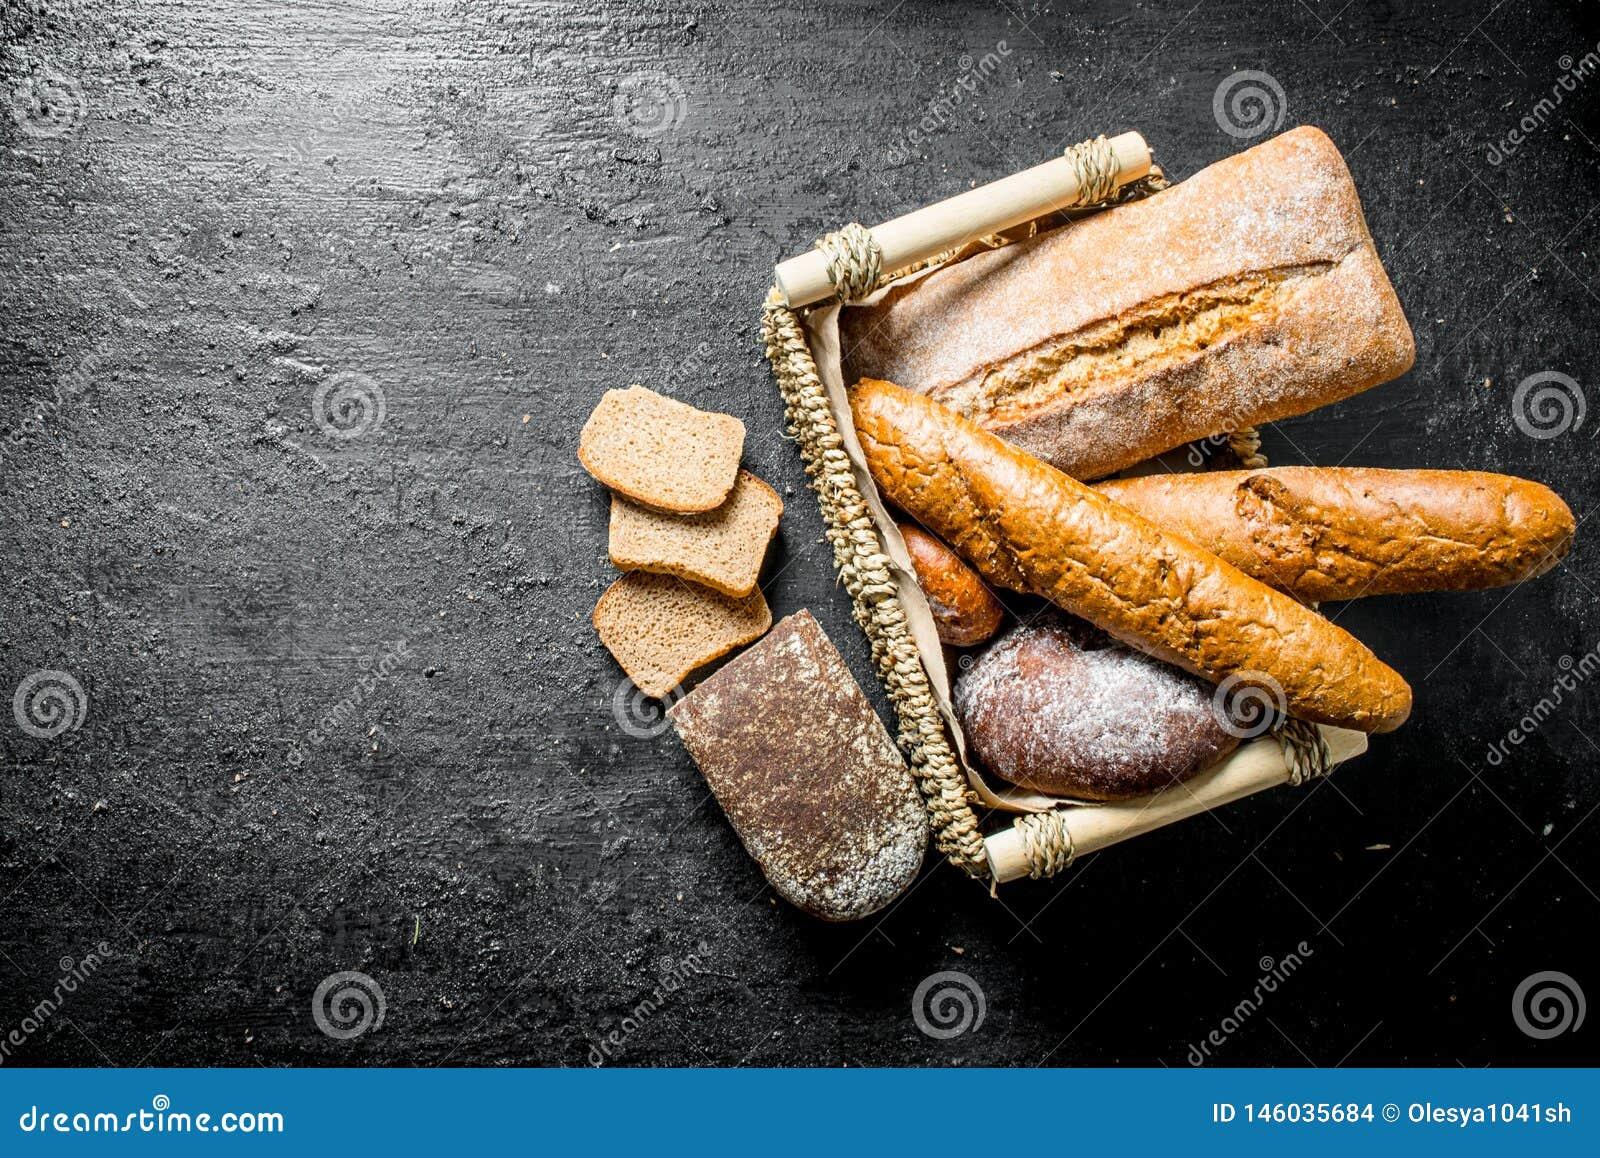 Verschillende types van brood in de mand